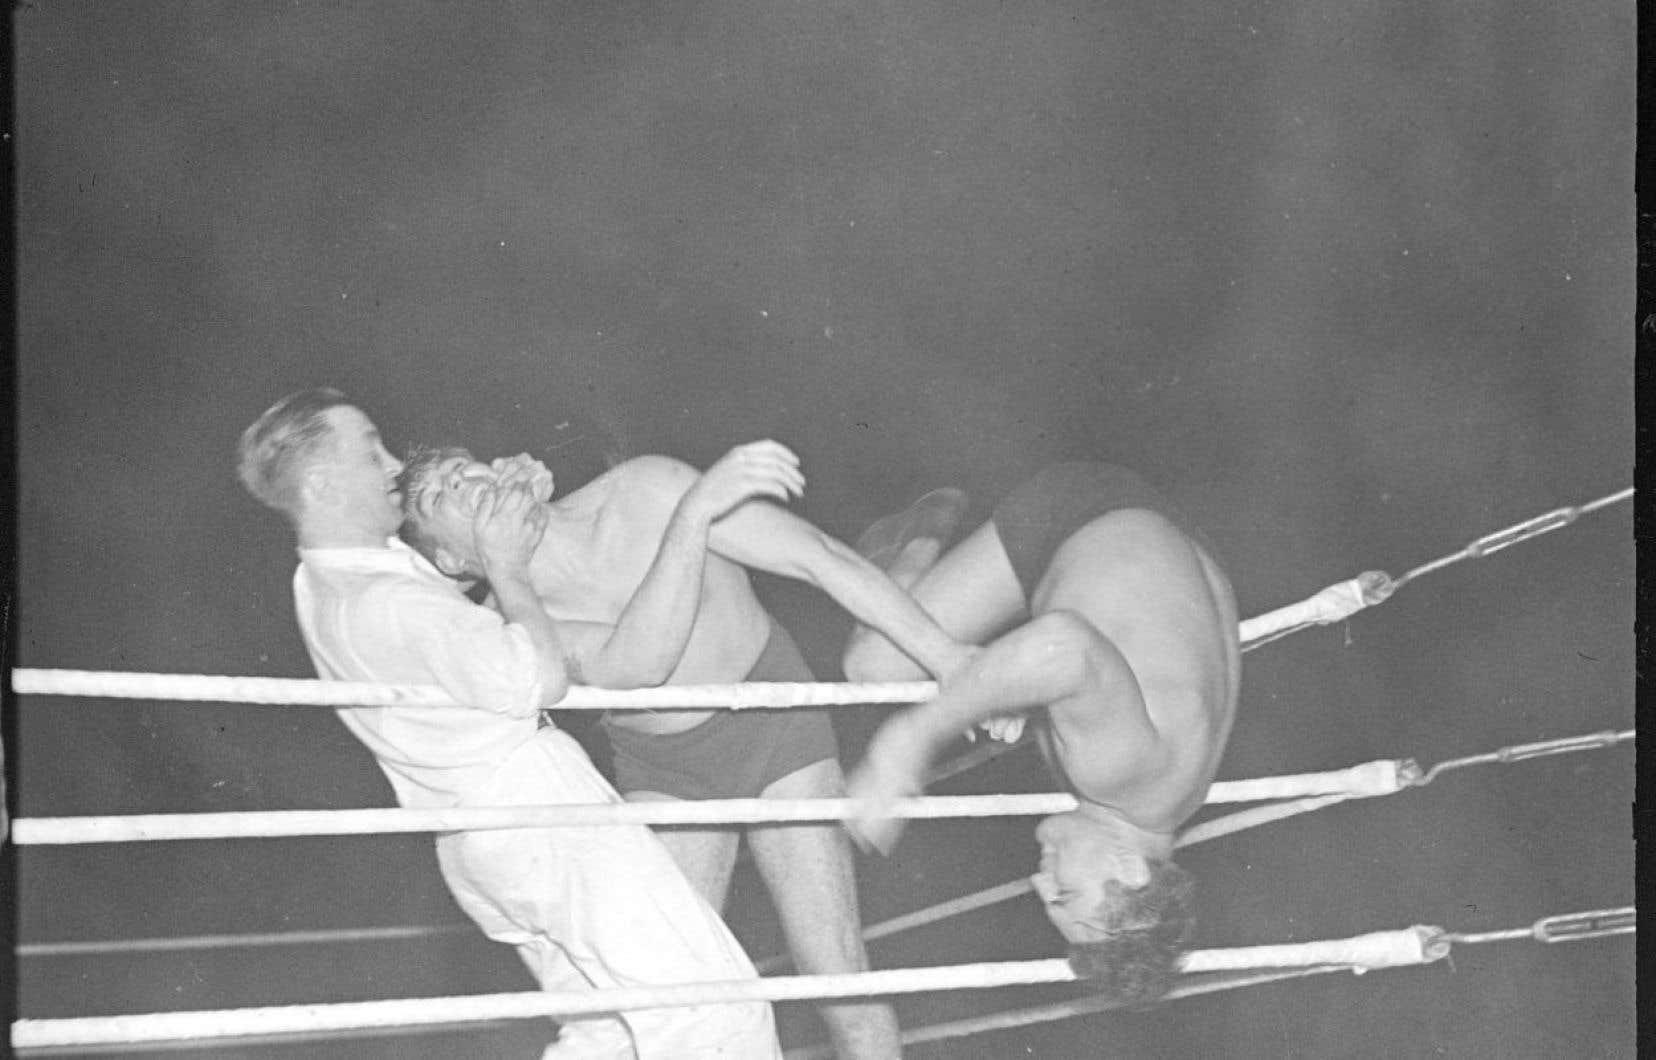 Le célèbre Yvon Robert est projeté à l'extérieur du ring lors d'un combat contre Don George en septembre 1937.